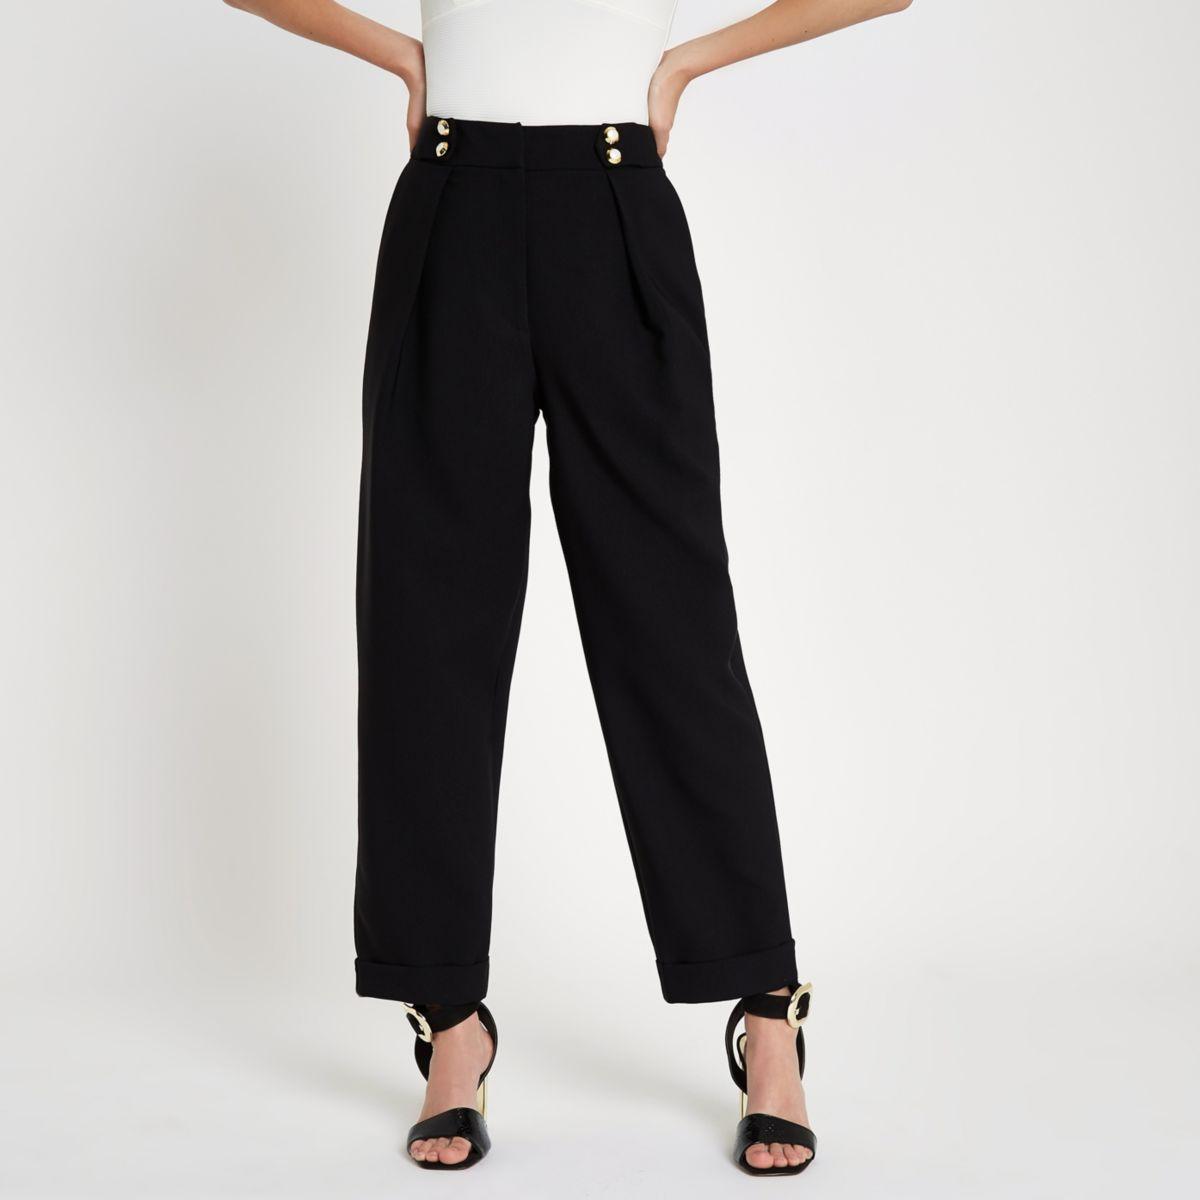 Schwarze Hose mit Knopf